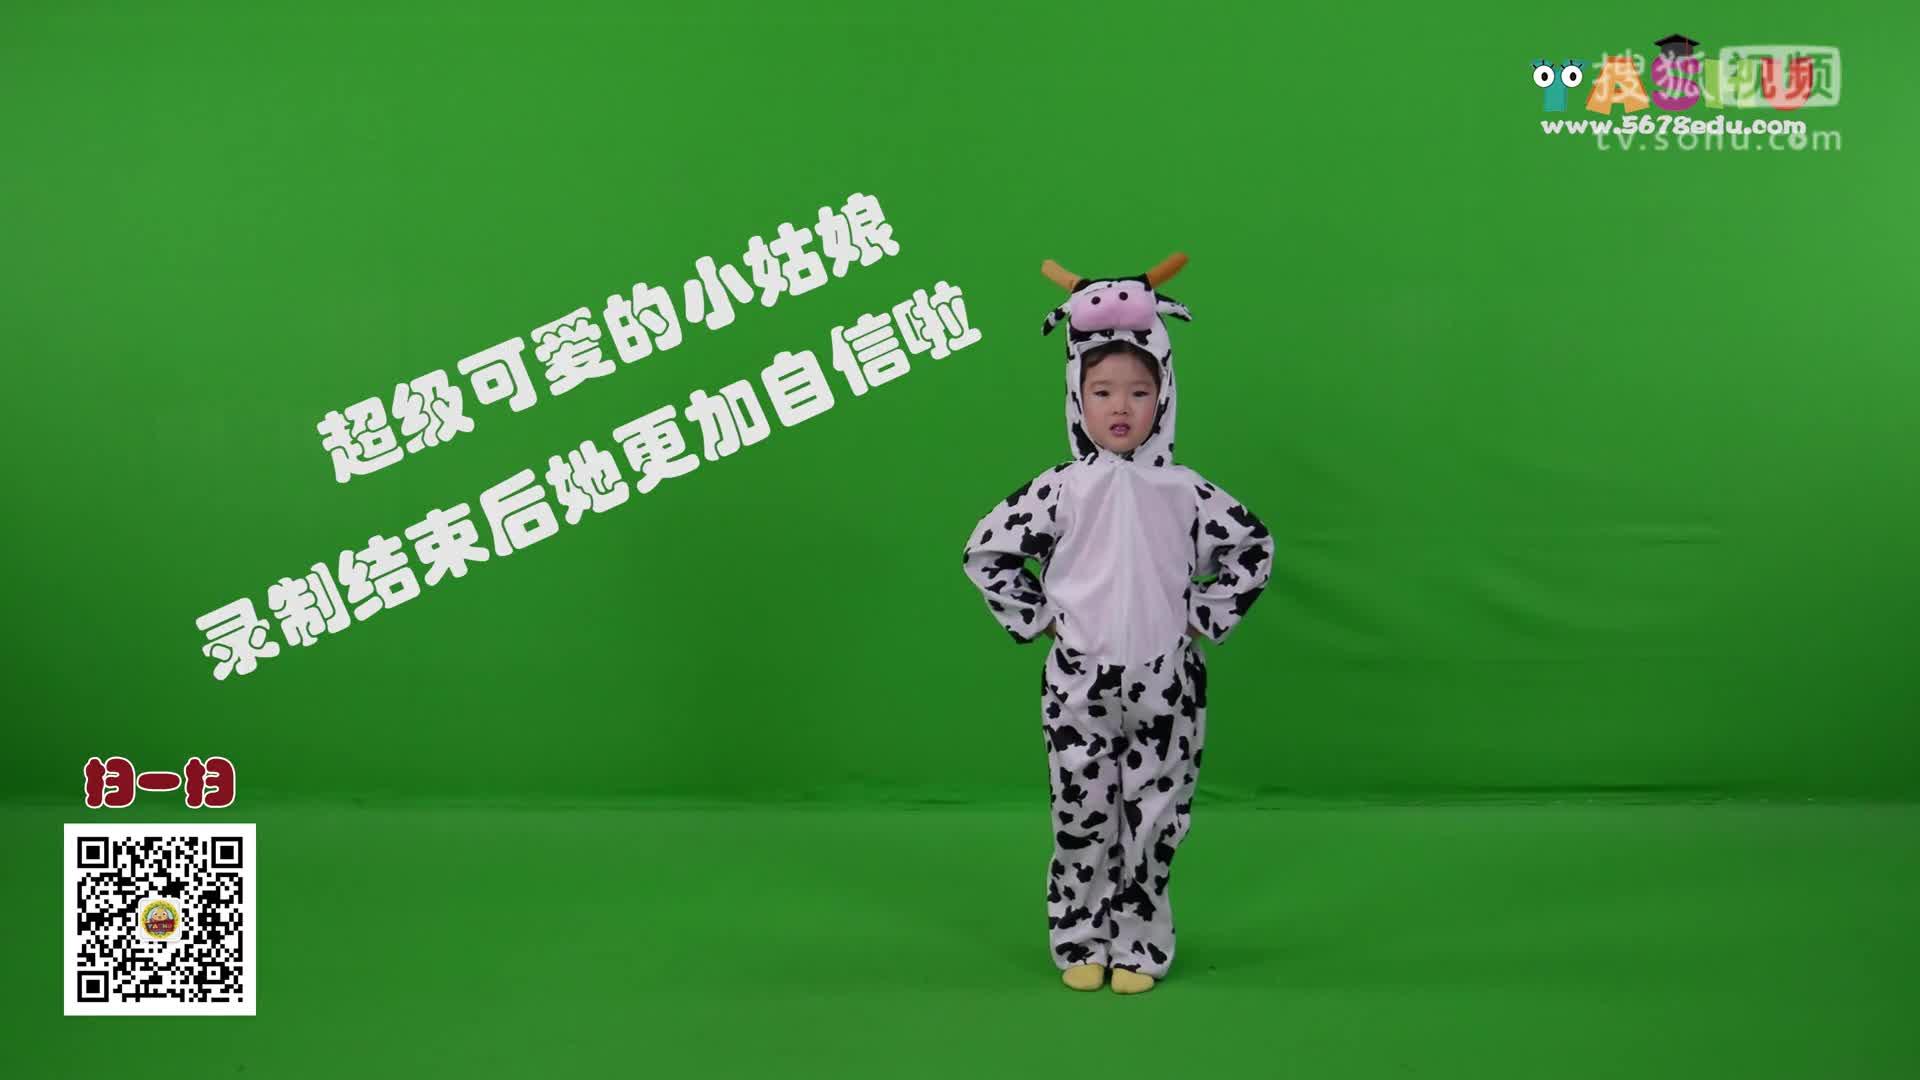 《上课啦》精彩花絮幼儿舞蹈少儿歌曲幼儿园律动六一儿童节舞蹈幼师